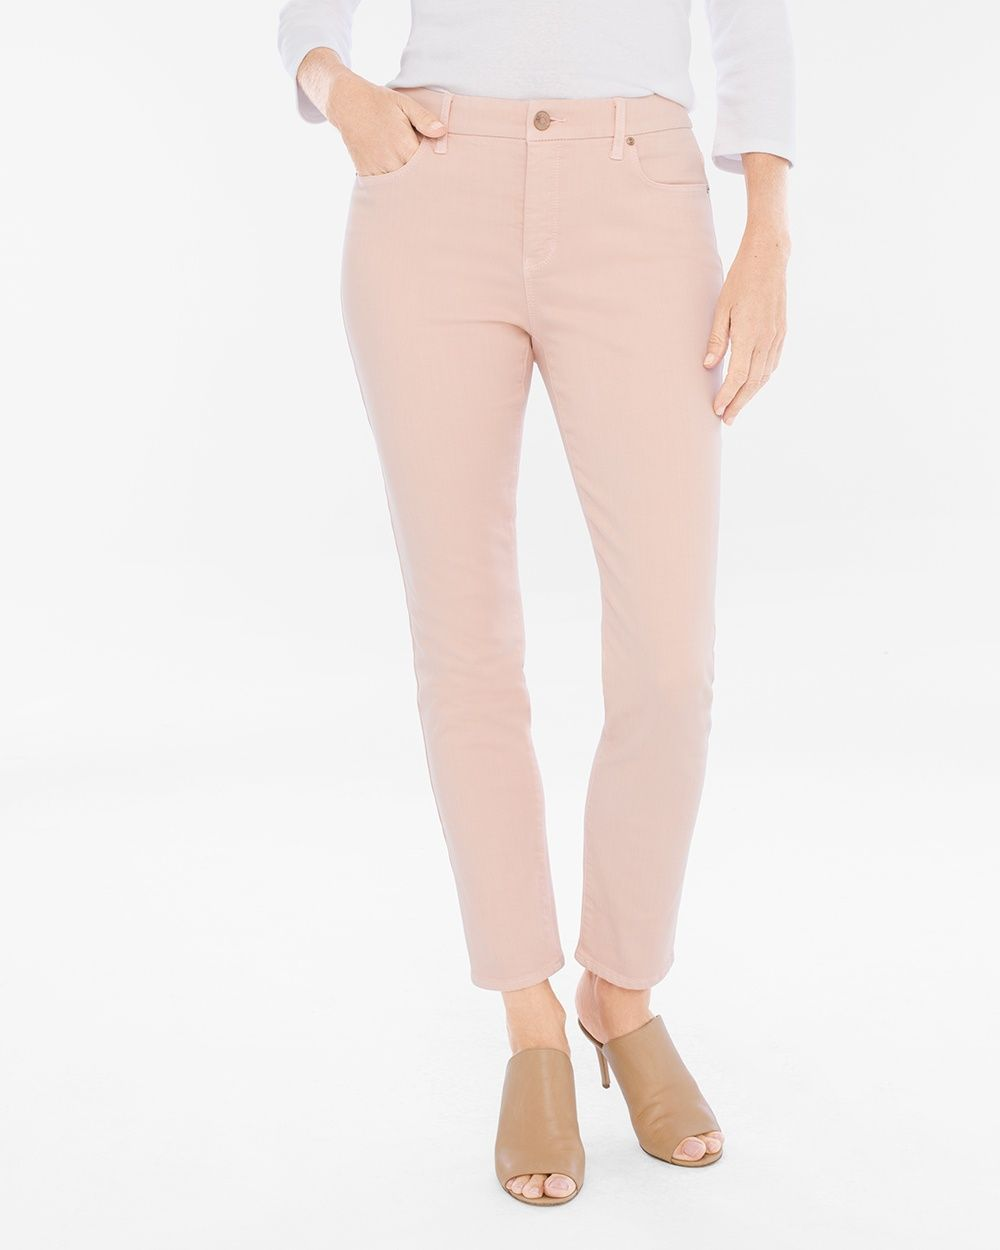 751d383e95ba Chico's Women's So Slimming Girlfriend Ankle Jeans, Paris Pink, Size: 3.5  (18 - XL) REG